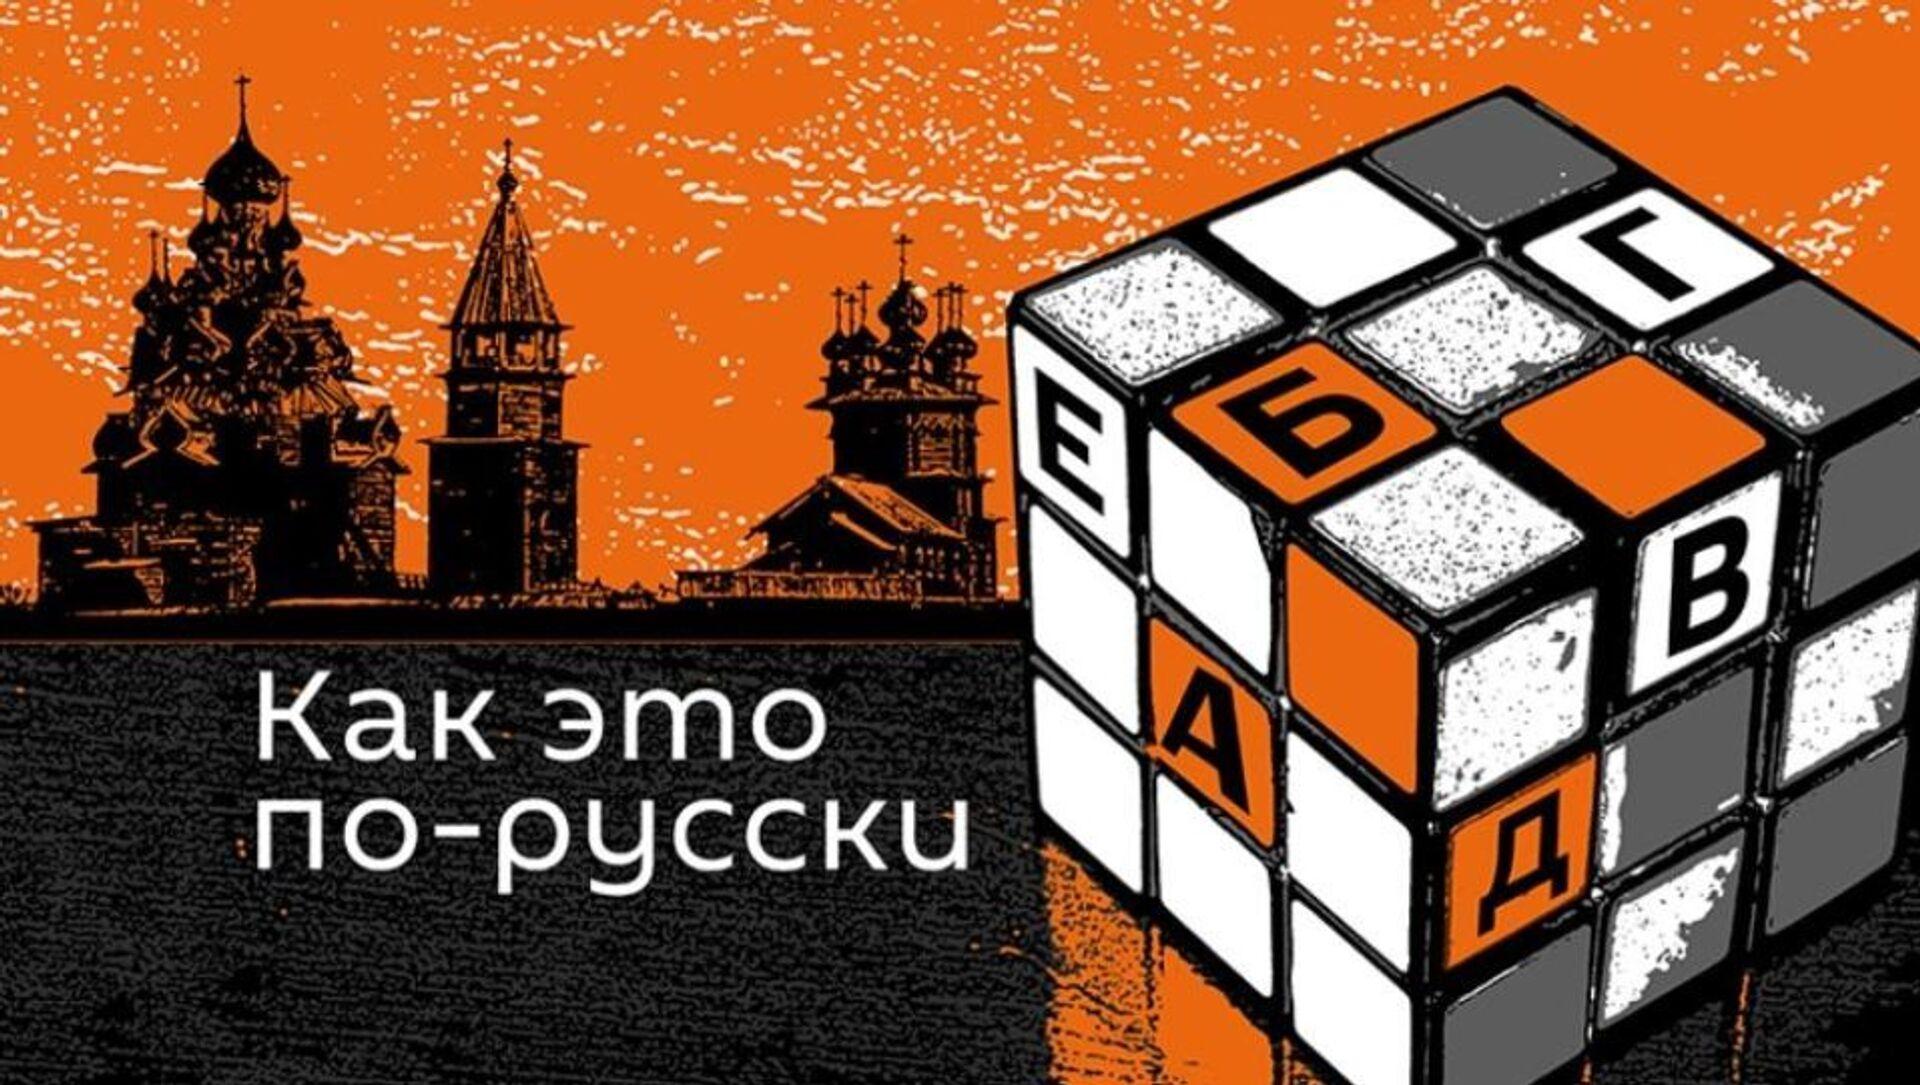 как это по-русски - Sputnik Абхазия, 1920, 29.08.2021